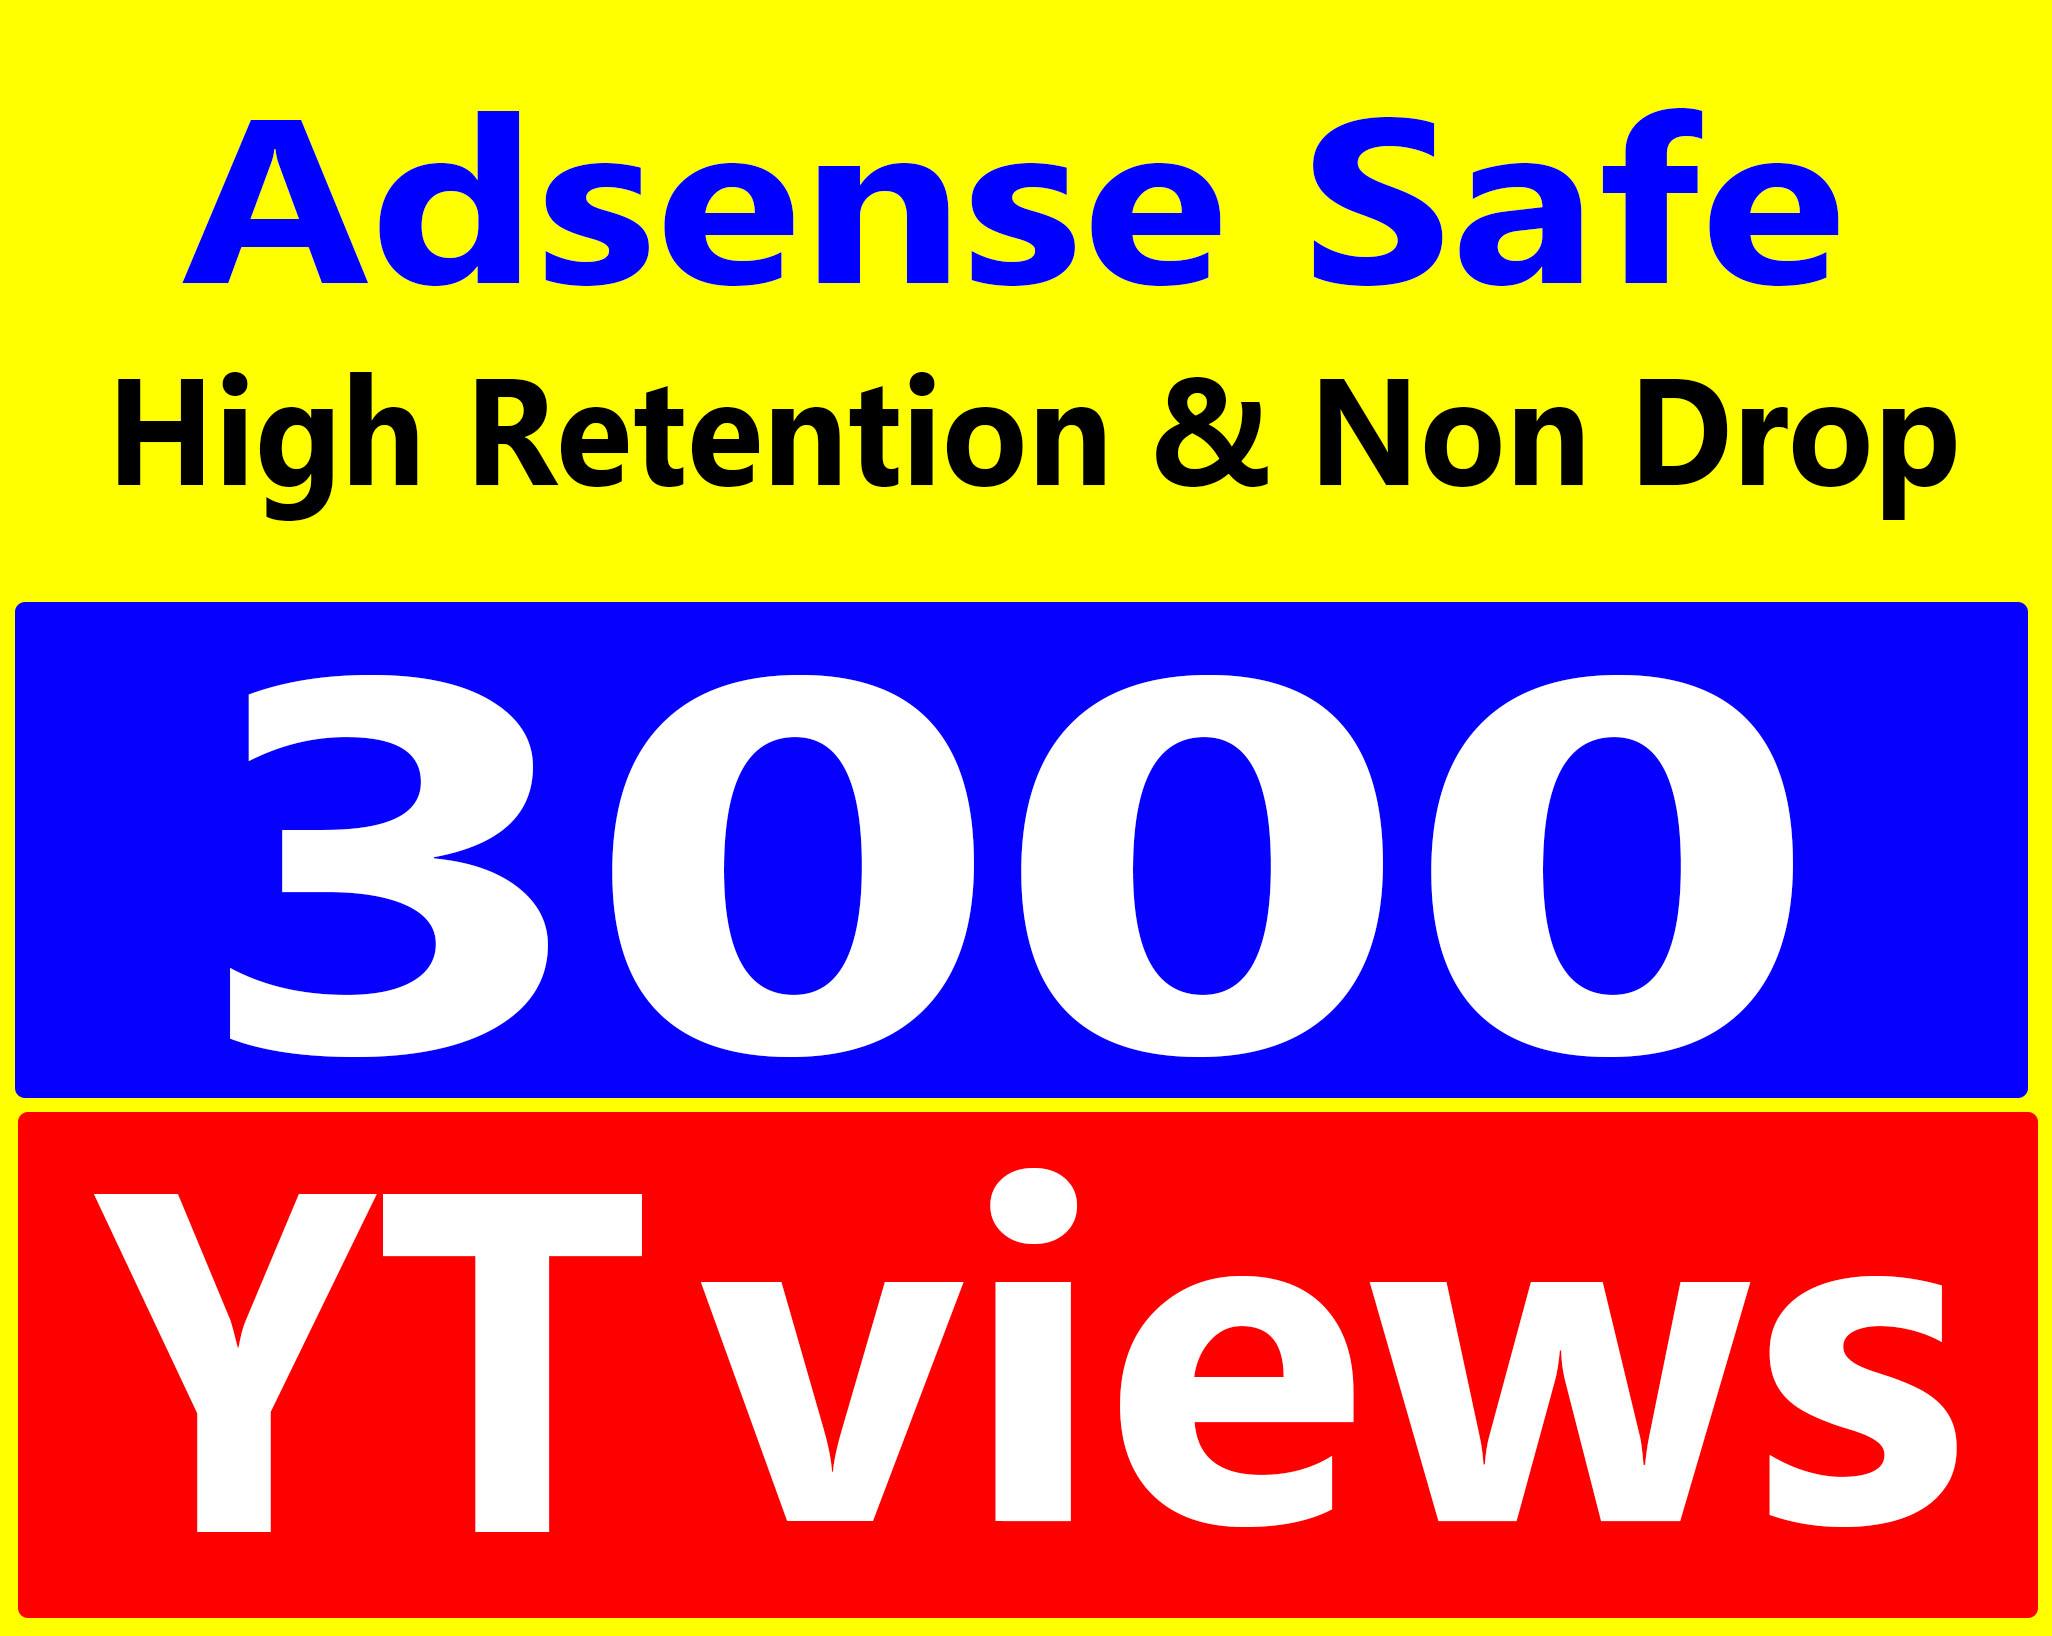 Fast Delivery 3000+ Vi-ews High Retention 90-100 Percent Safe & Non Drop Service